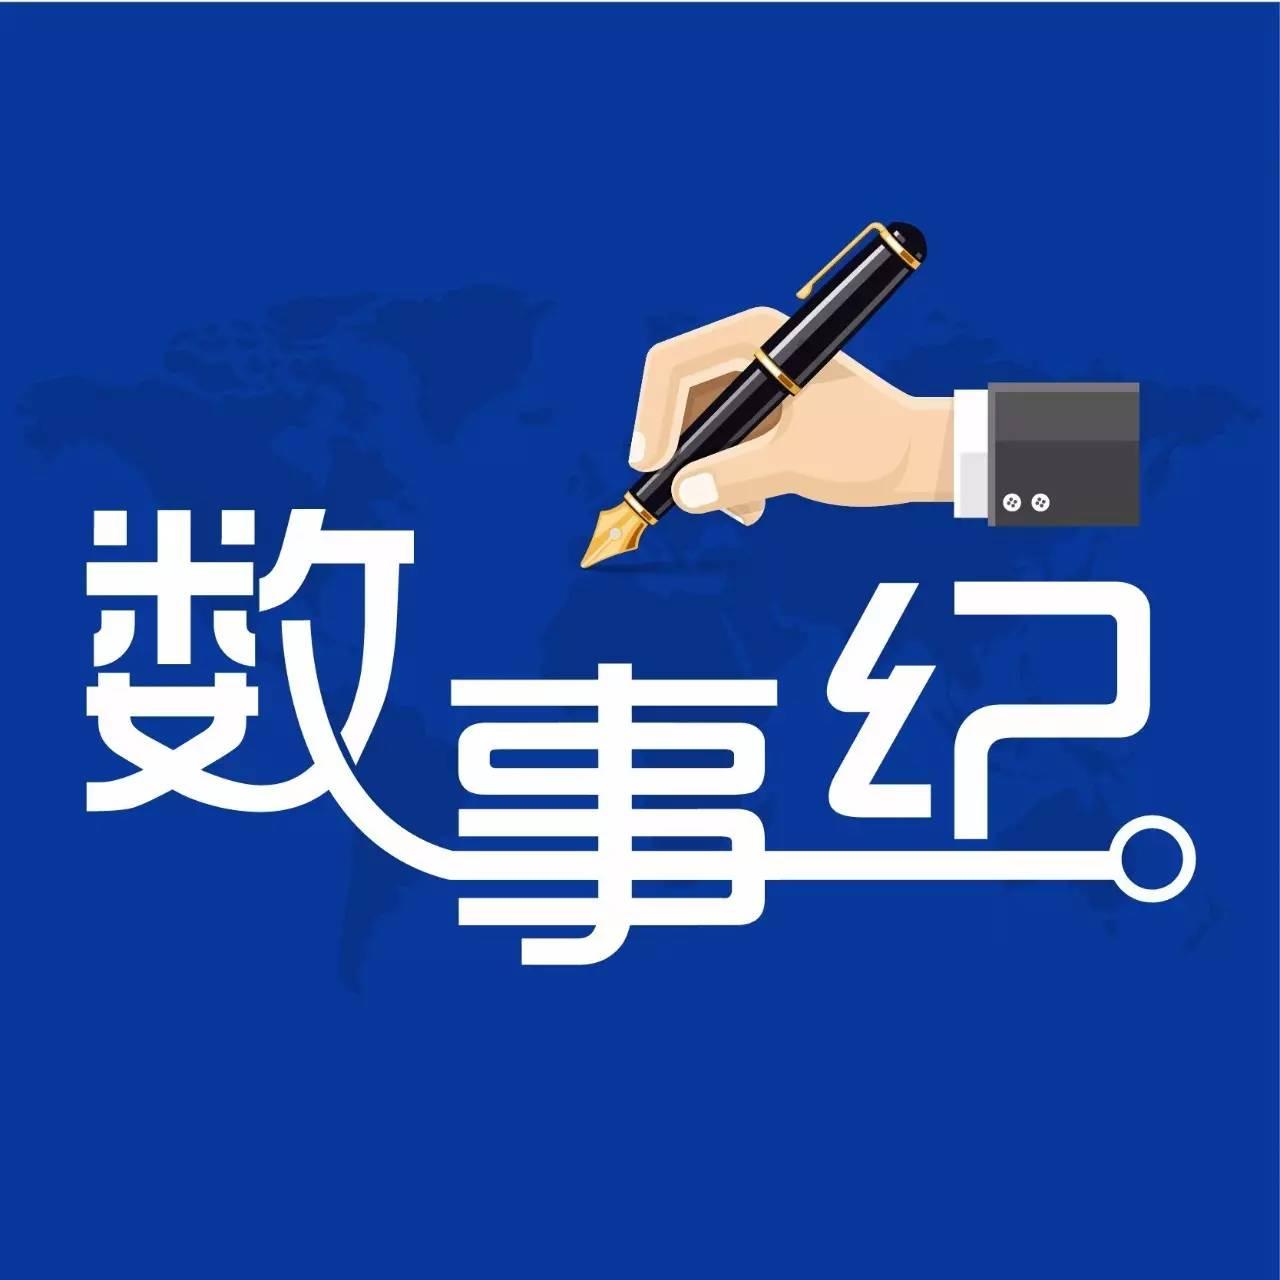 易观联合美沃斯成立中国医疗美容产业大数据实验室